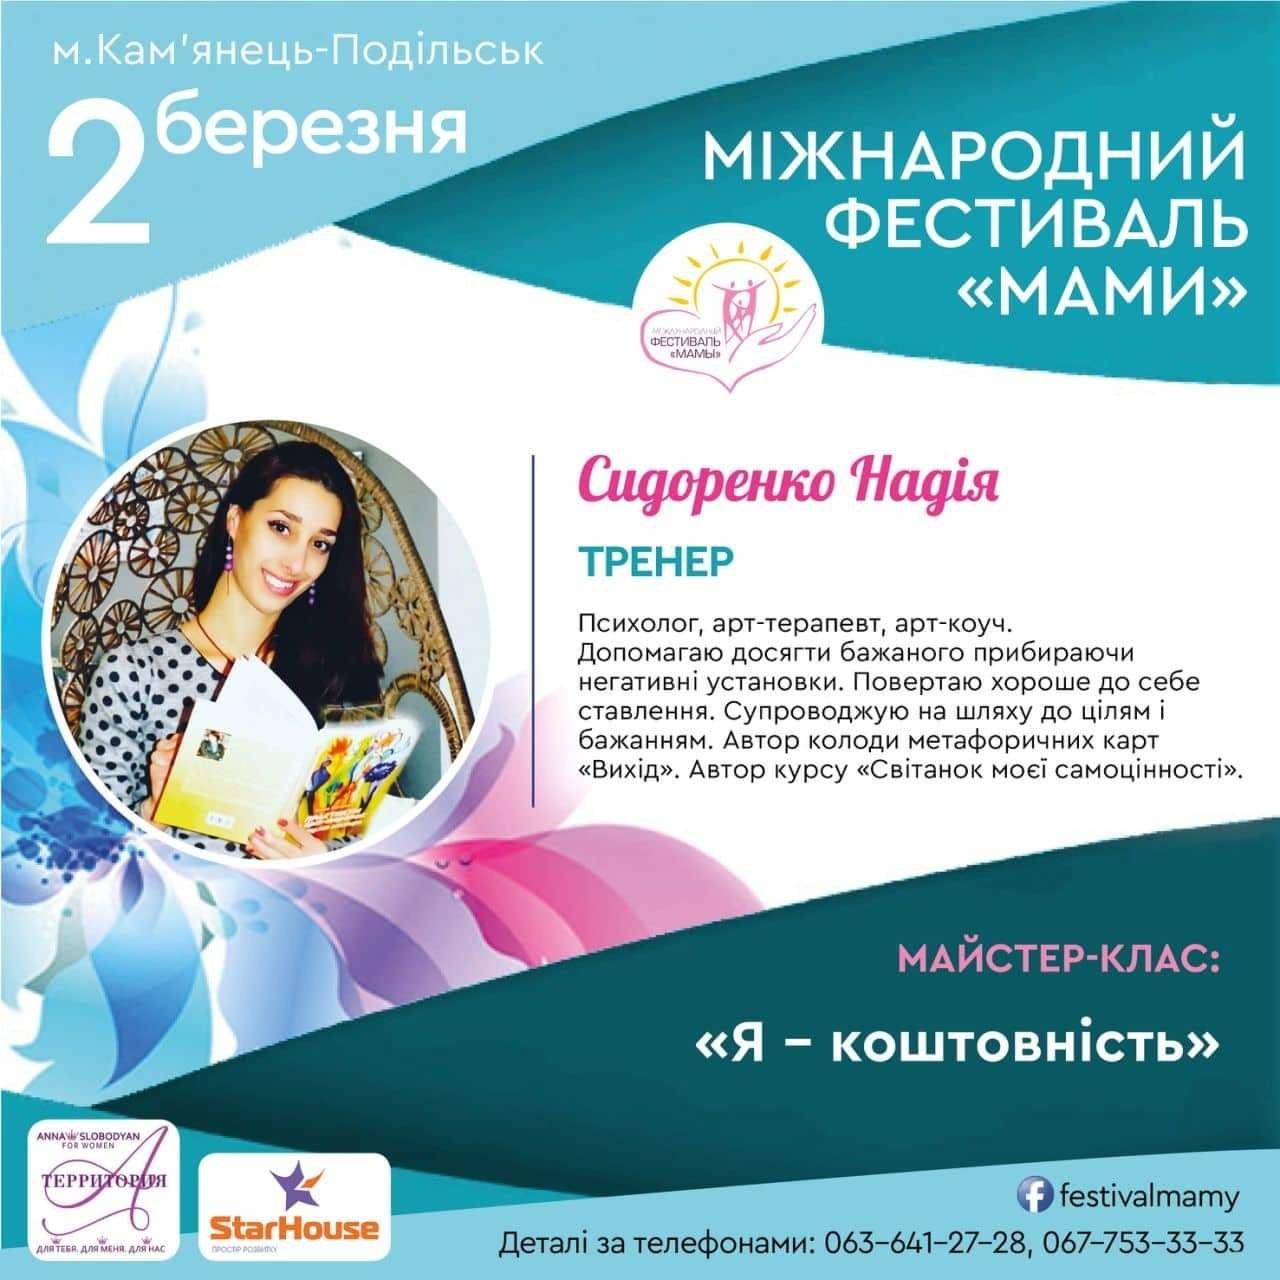 """Міжнародний фестиваль """"Мами"""" у Кам'янці-Подільському анонсує спікерів, фото-10"""